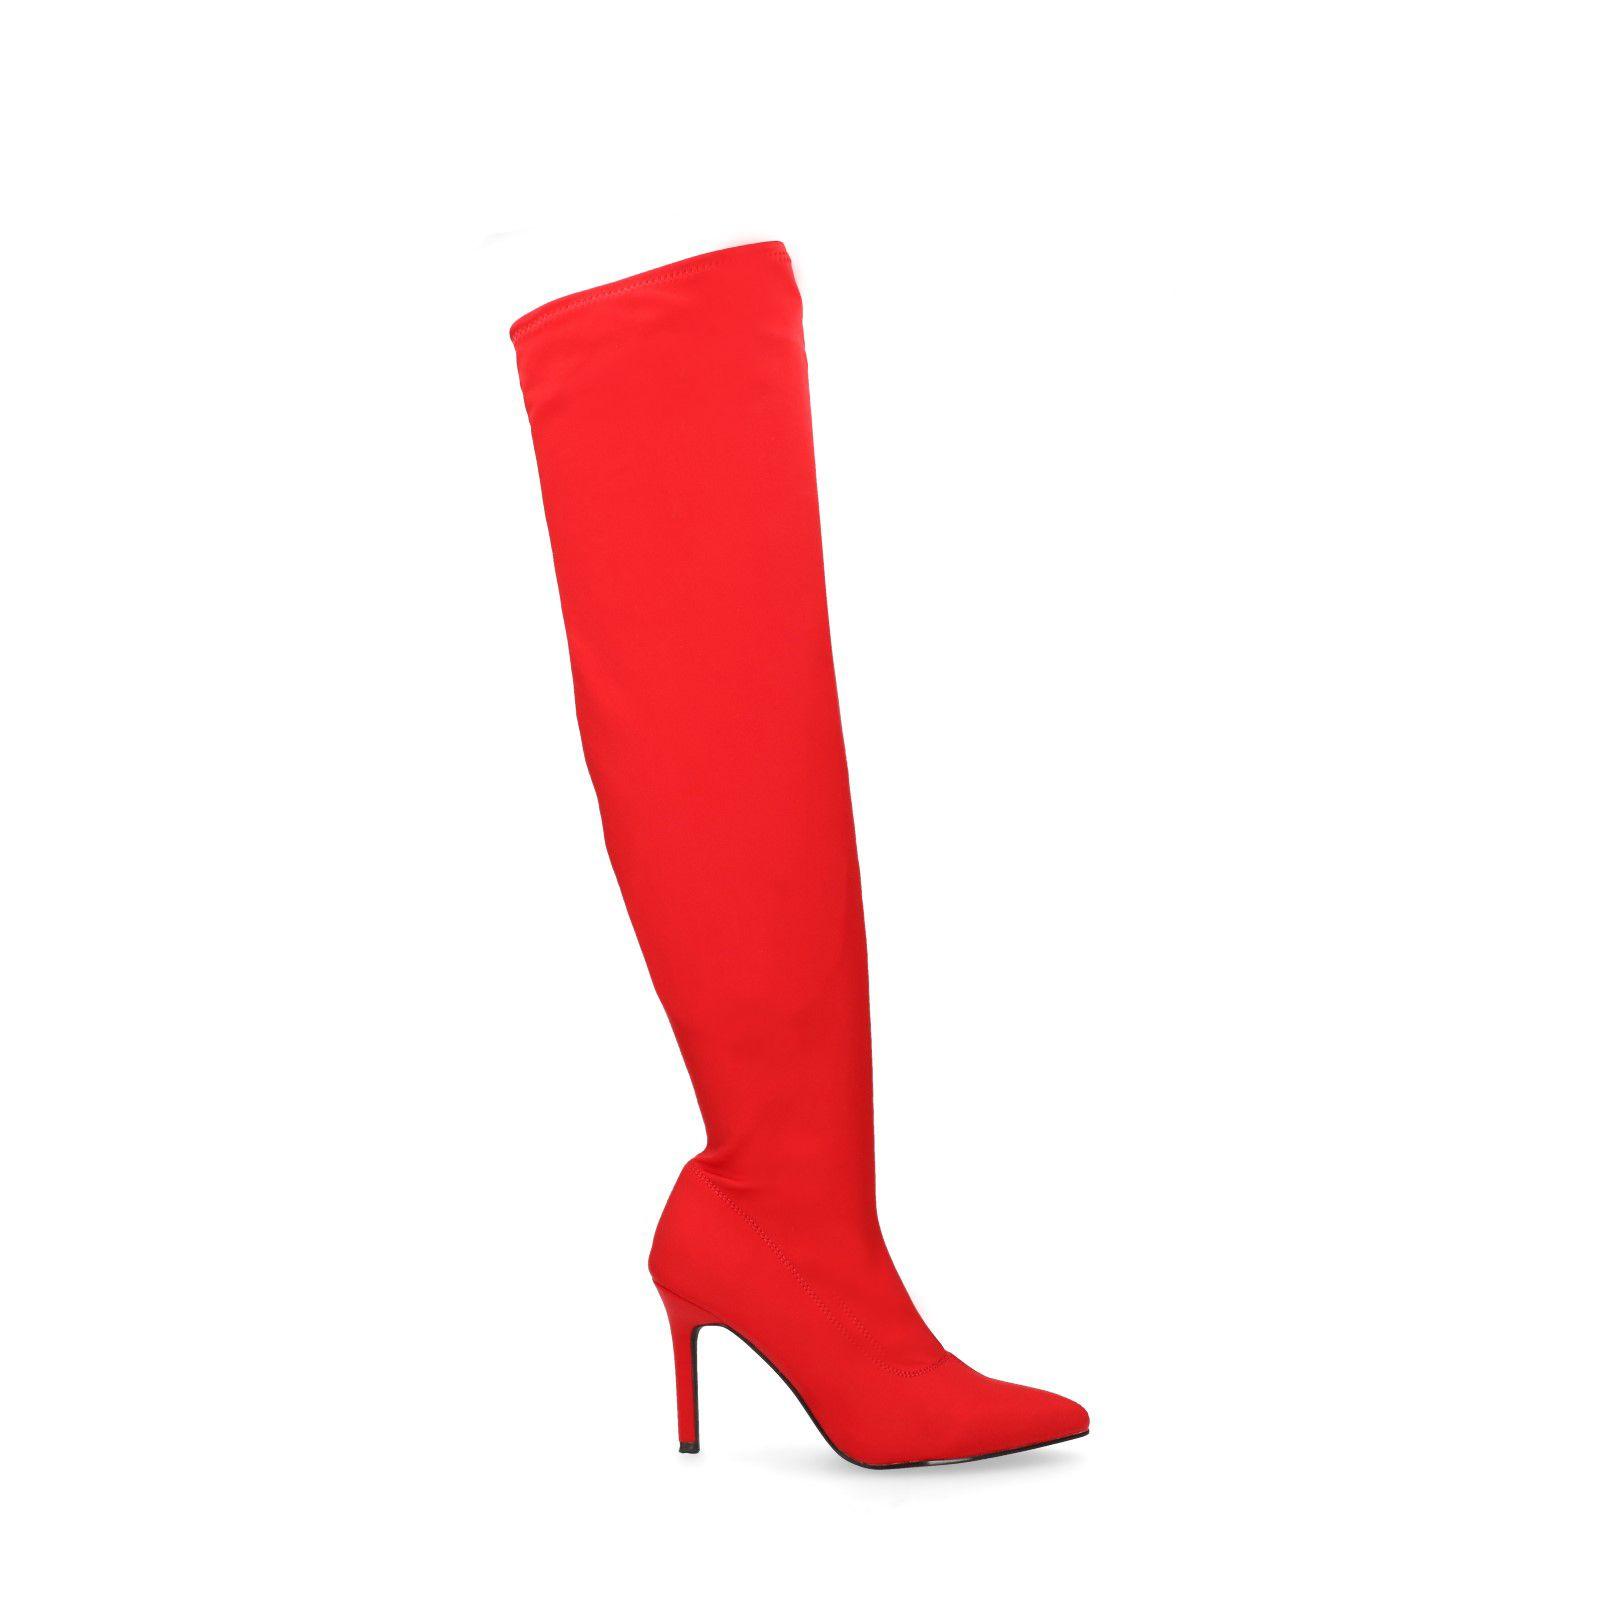 Les Sacha Un Avantageux Plus Prix Chaussures Belles Soldes À Acheter Sx5qf57g